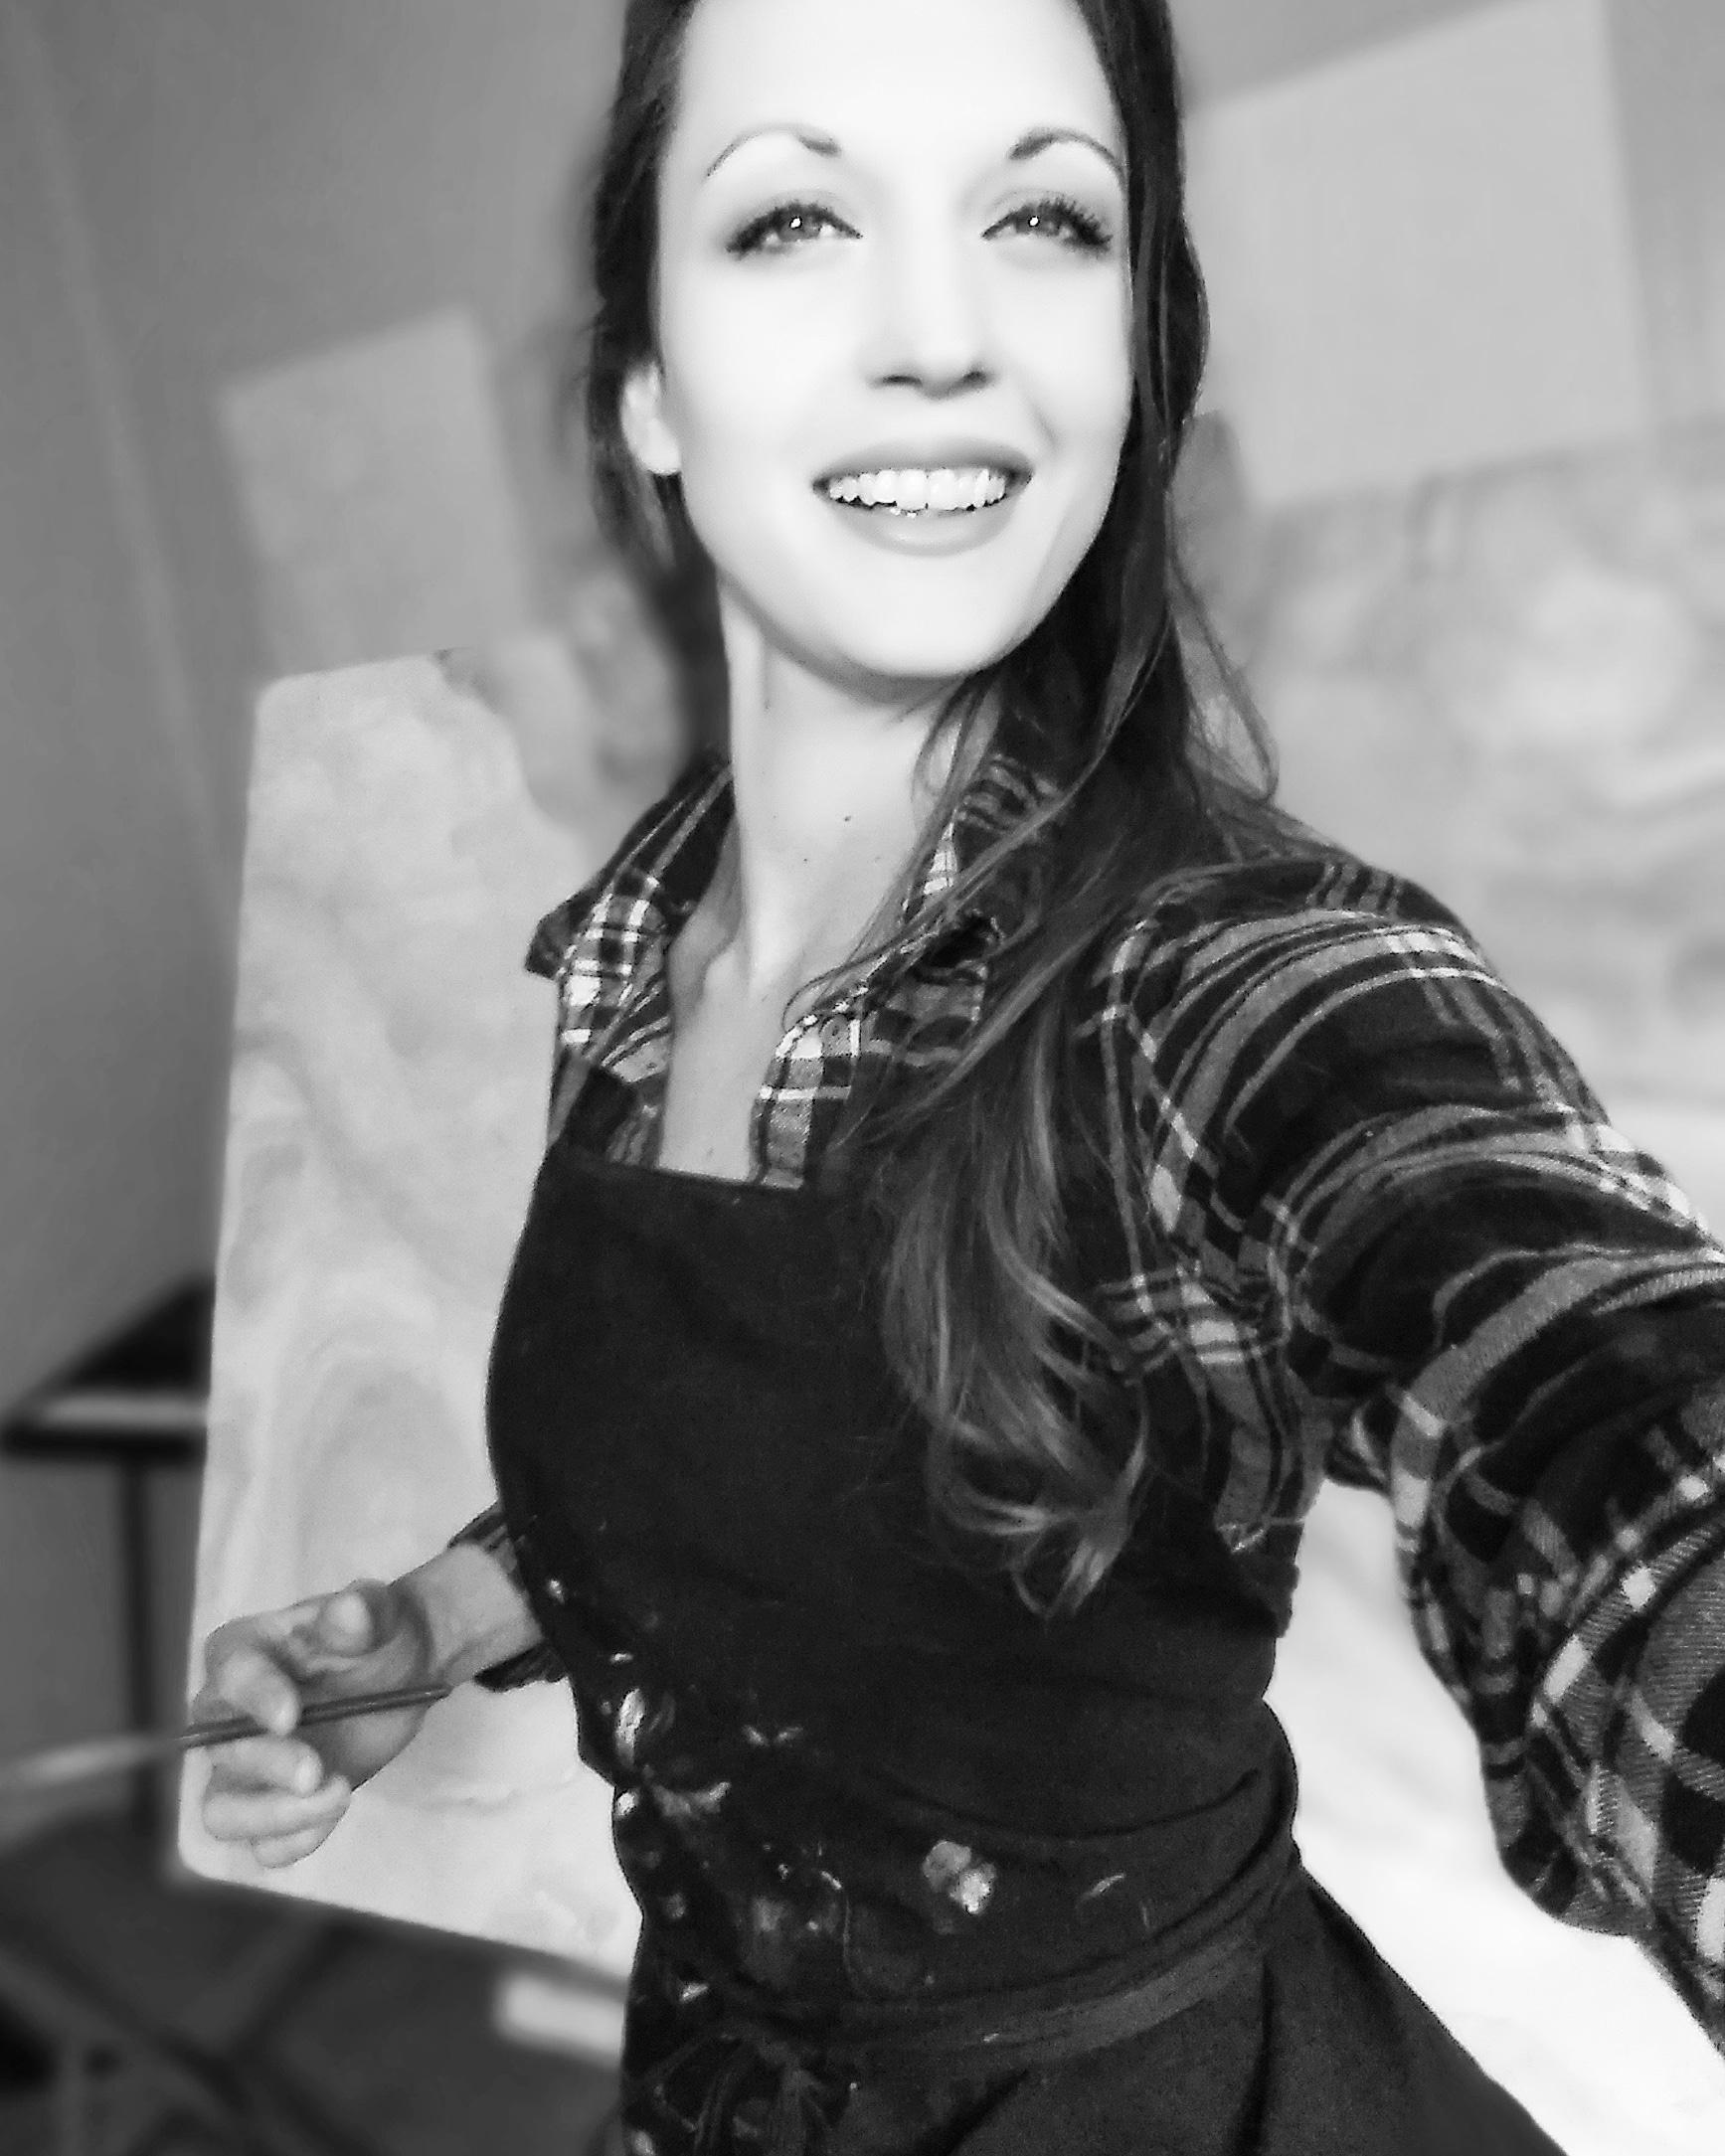 Kristen Grief - Artist and owner